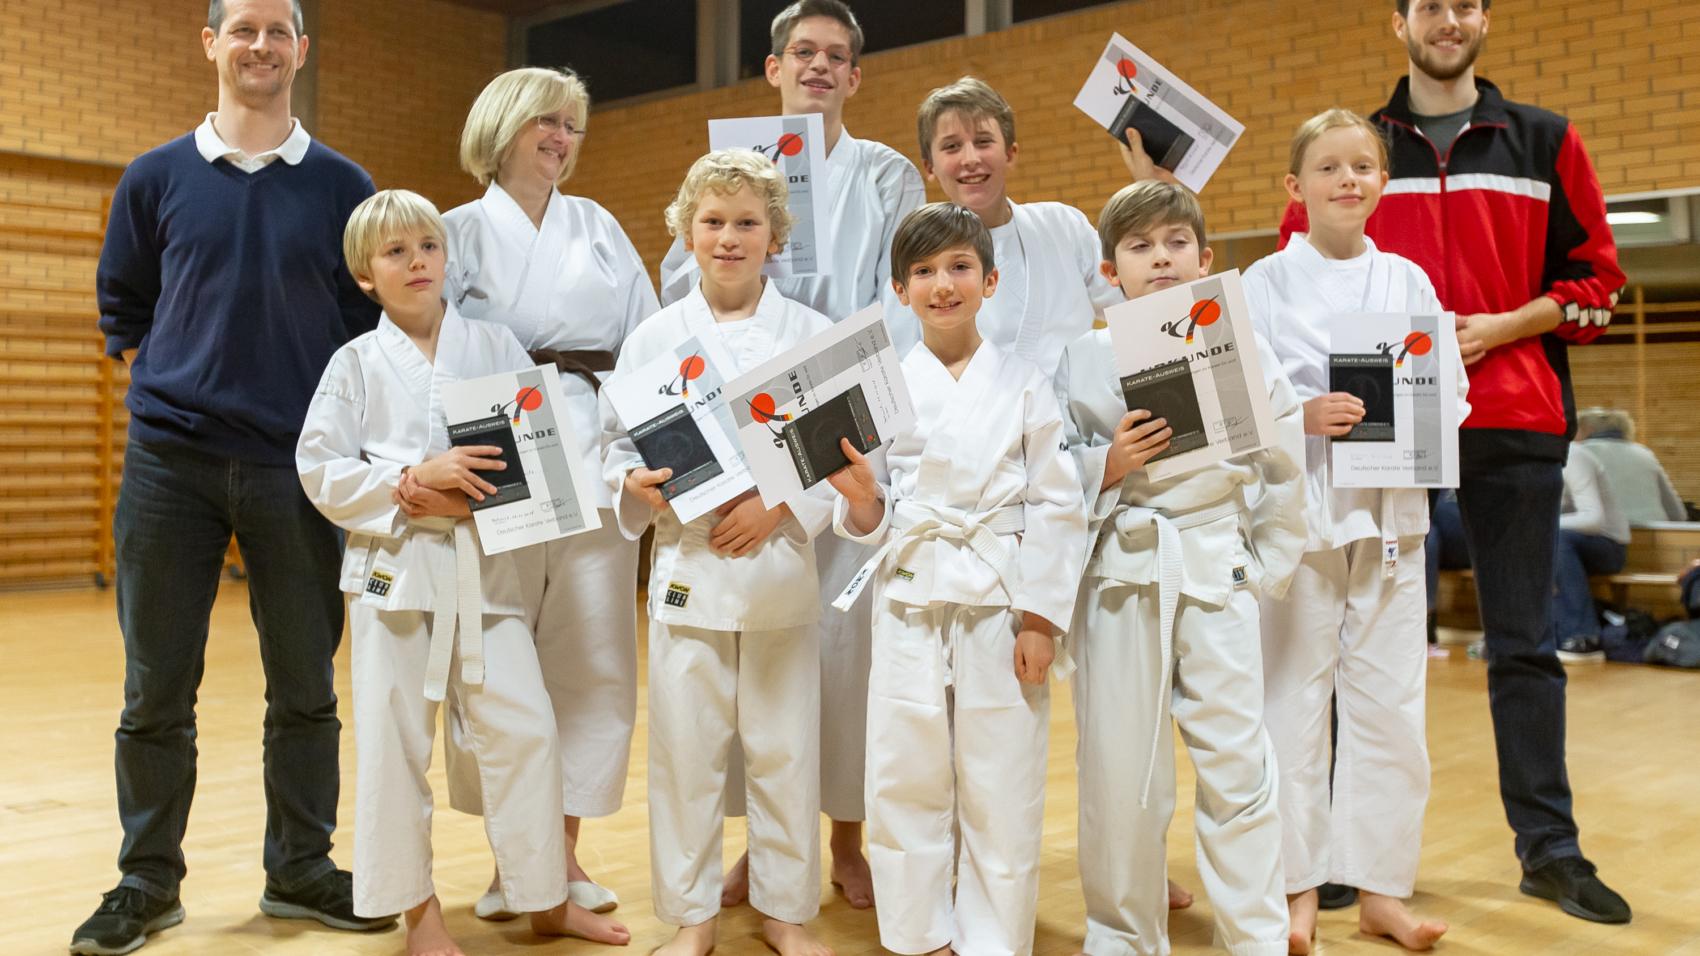 karatePruefung